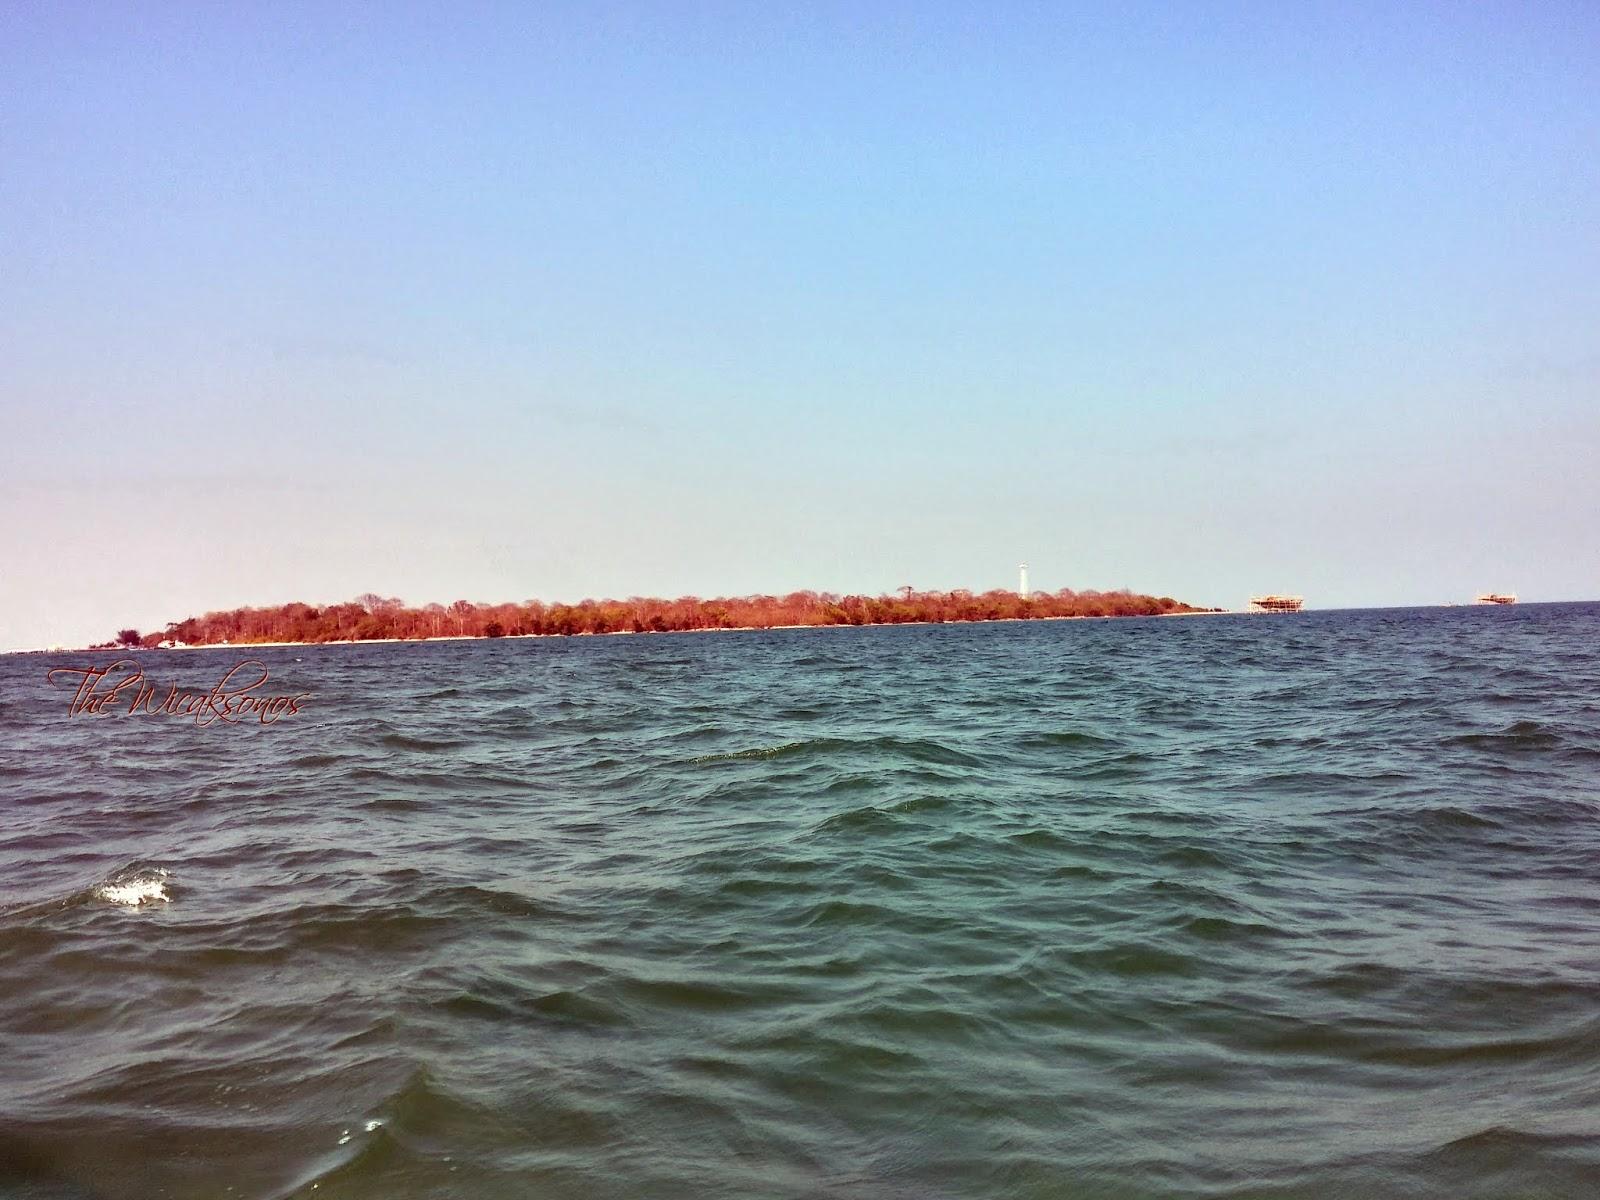 Pulau Panjang Terlihat dari Kapal yang Menyeberangkan Kami